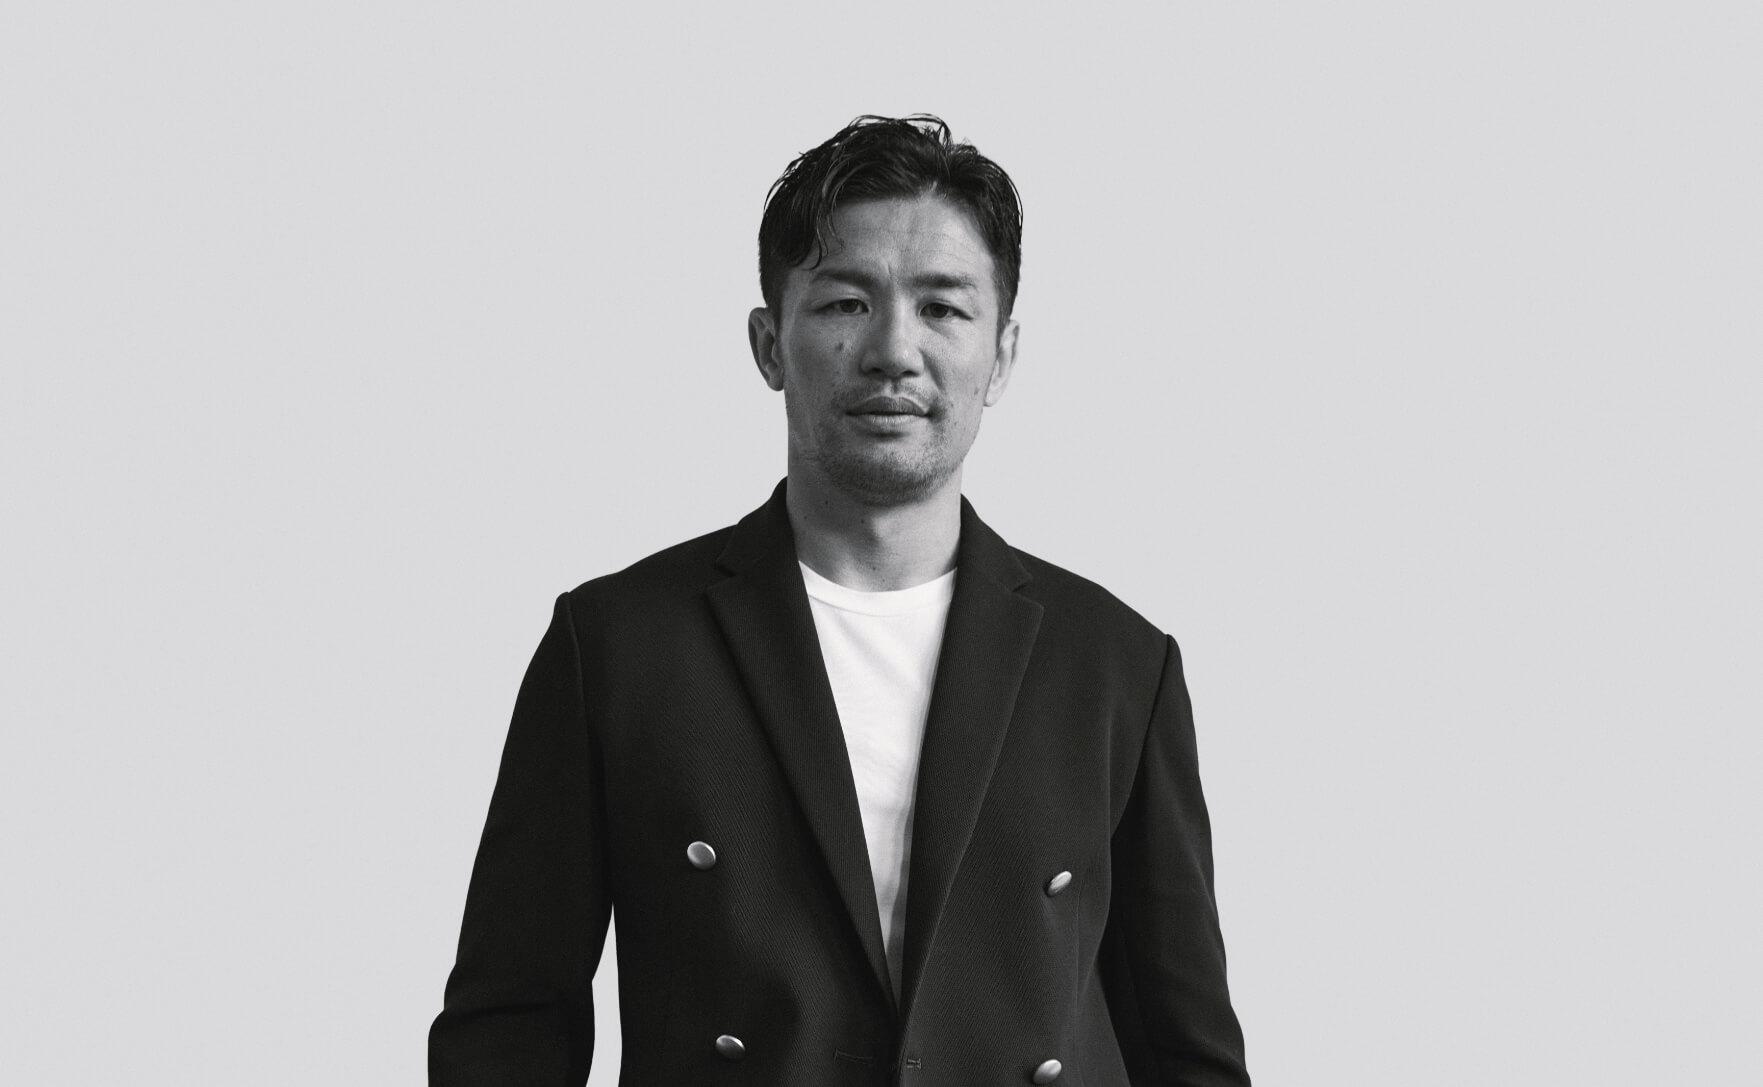 「LEAD'S INTERVIEW」 元ラグビー選手・廣瀬俊朗氏が実際に足を入れてみて感じたLEADの魅力とは。